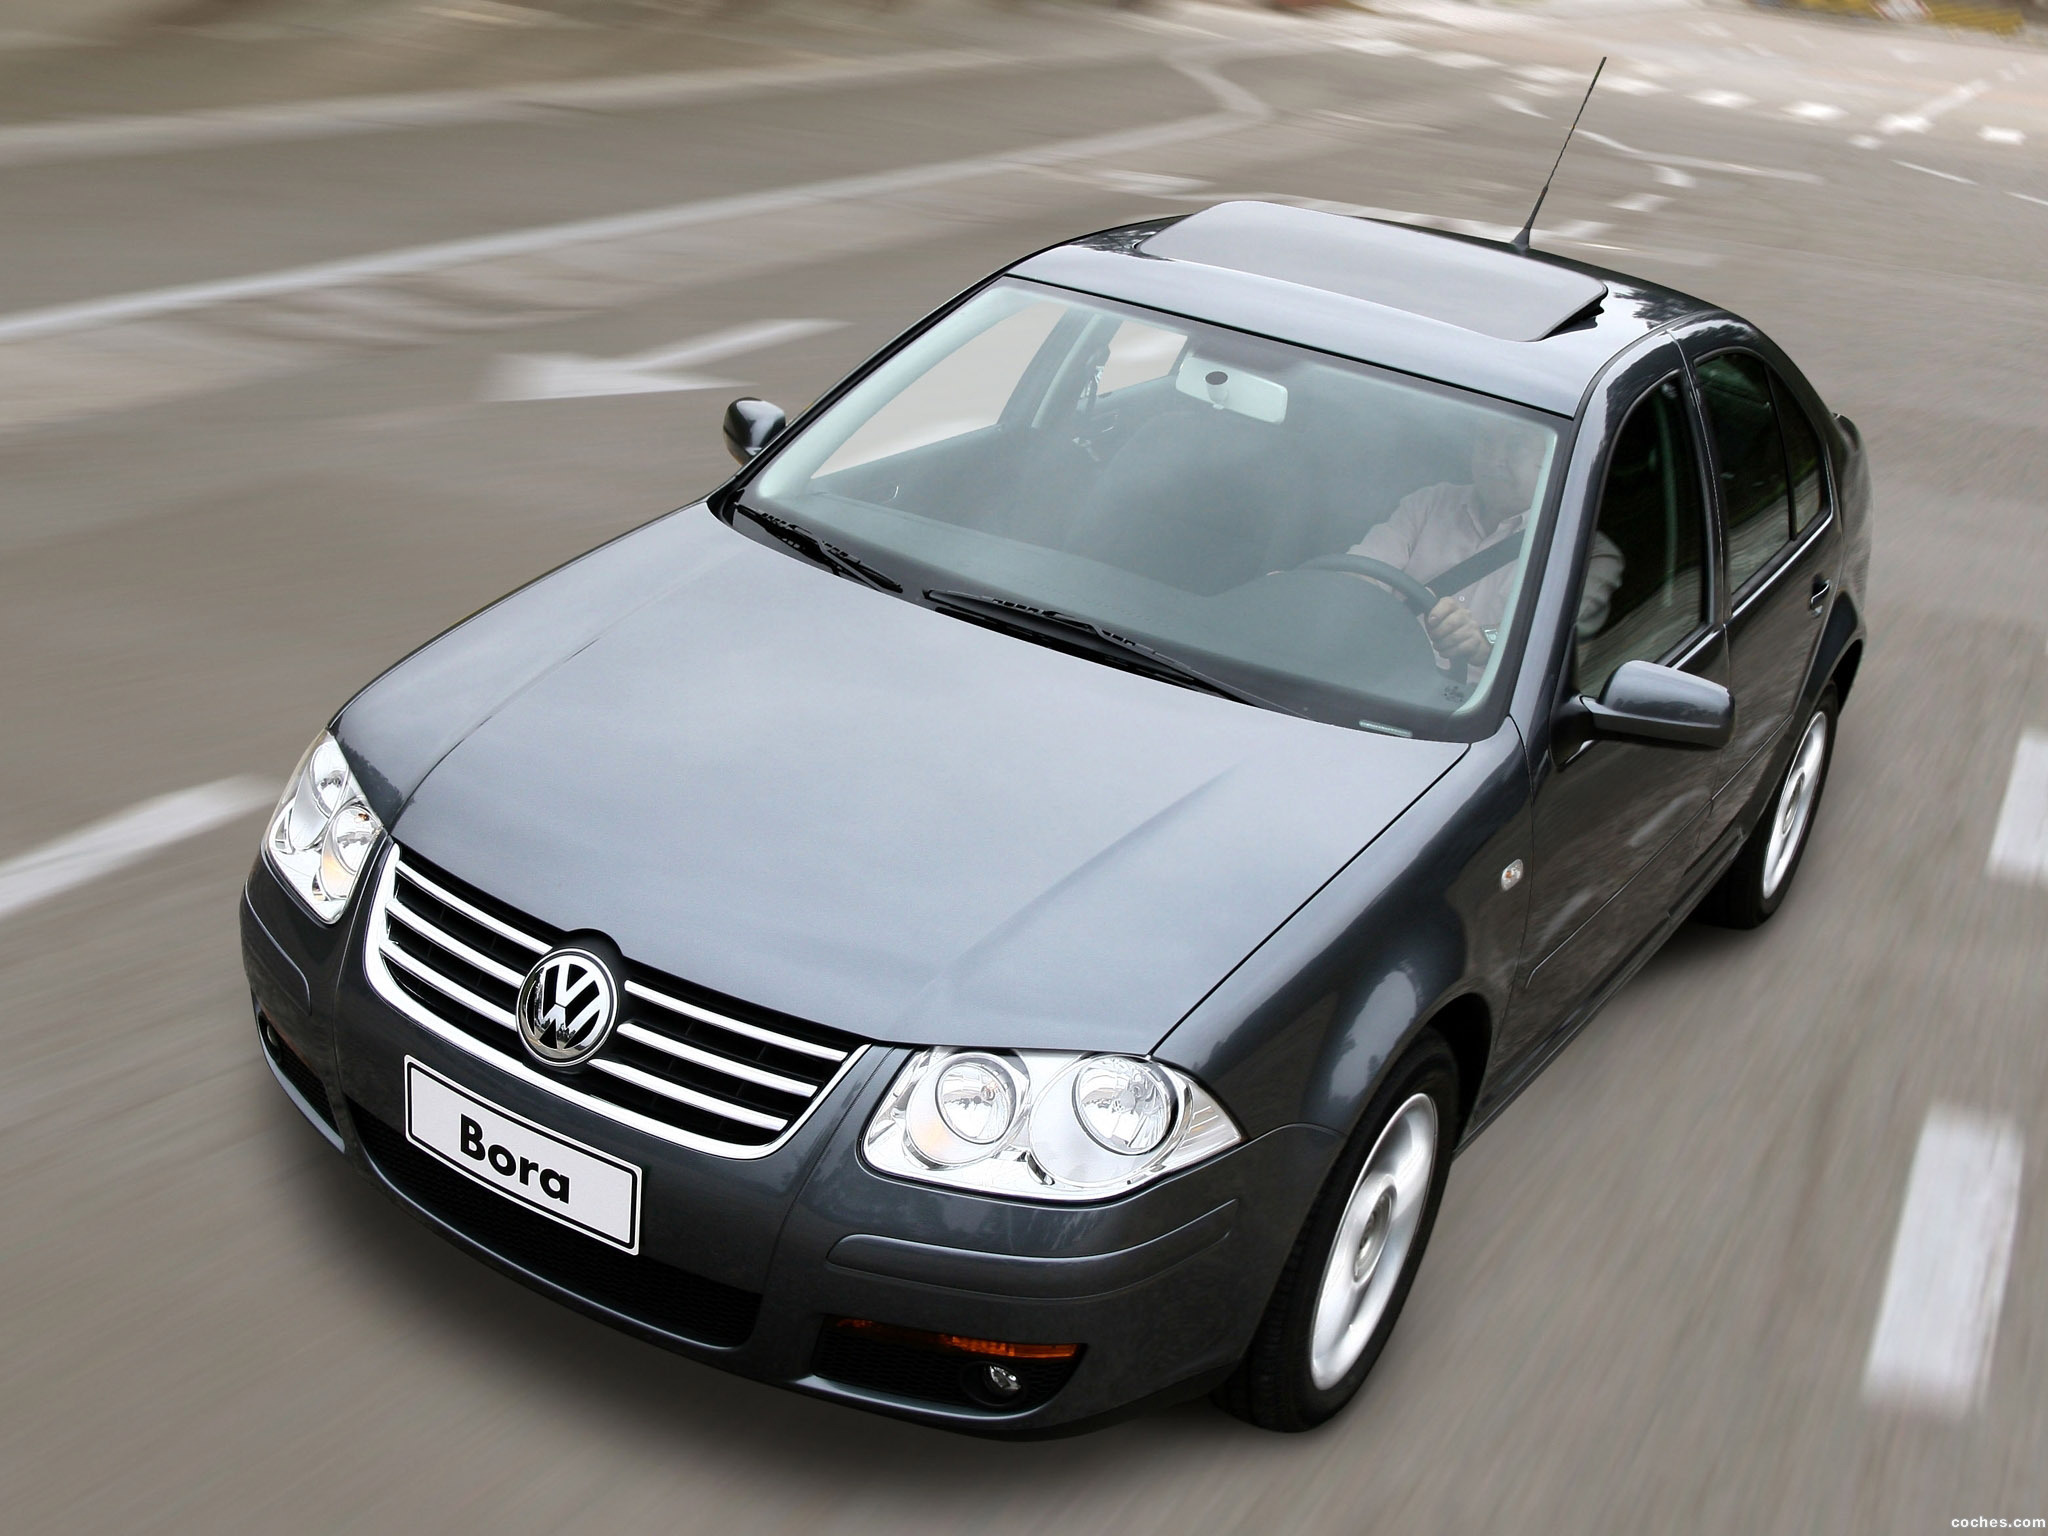 Fotos de Volkswagen Bora Brazil 2007